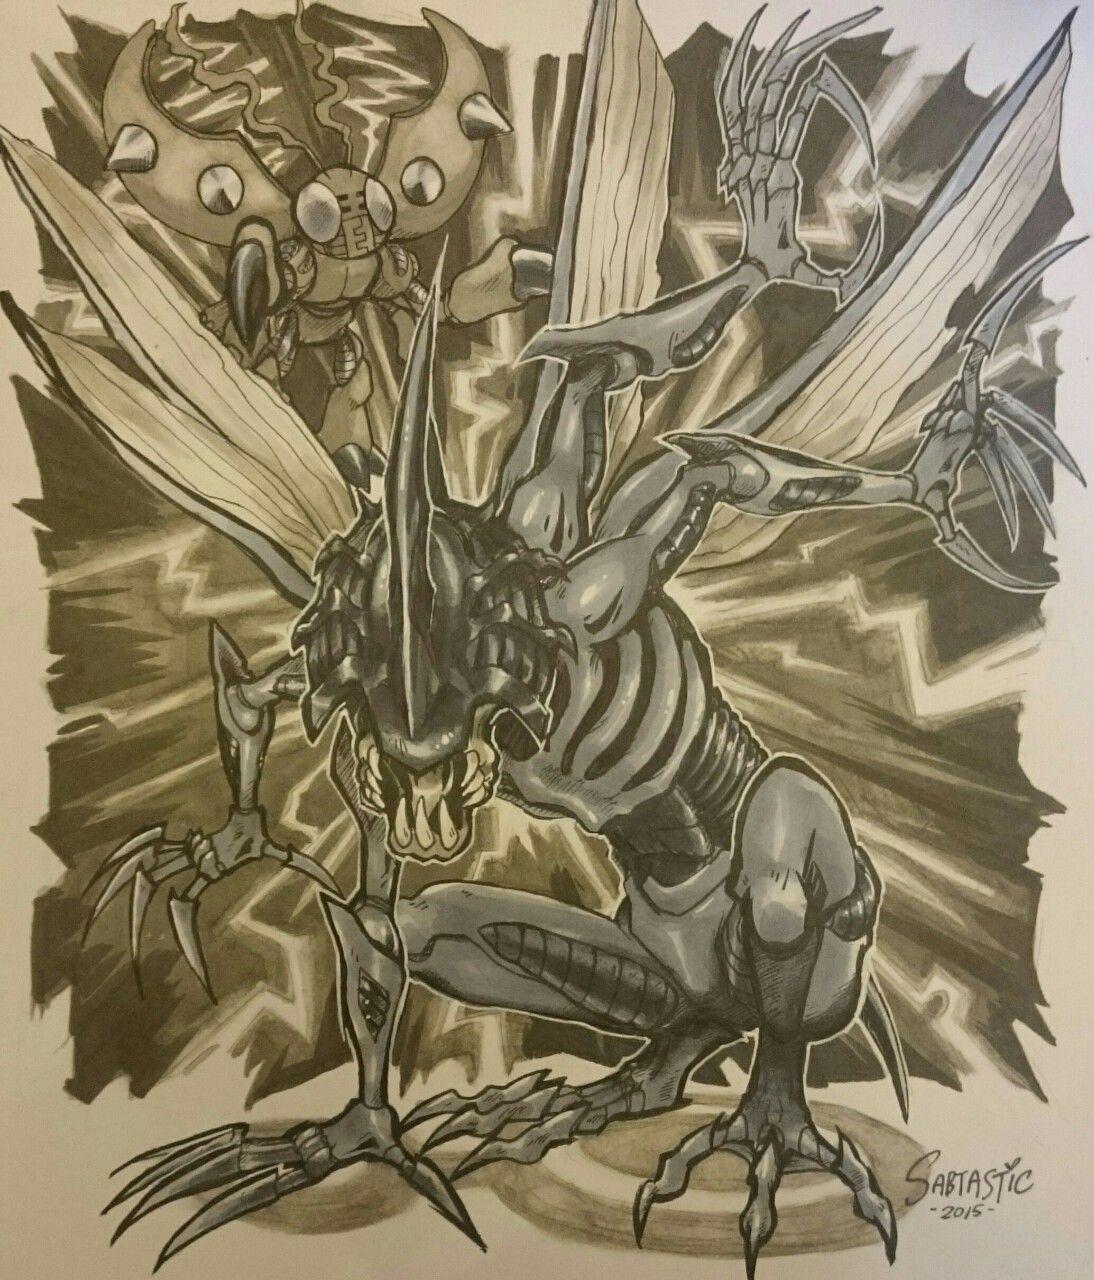 Kabuterimon Digimon commission in Copic